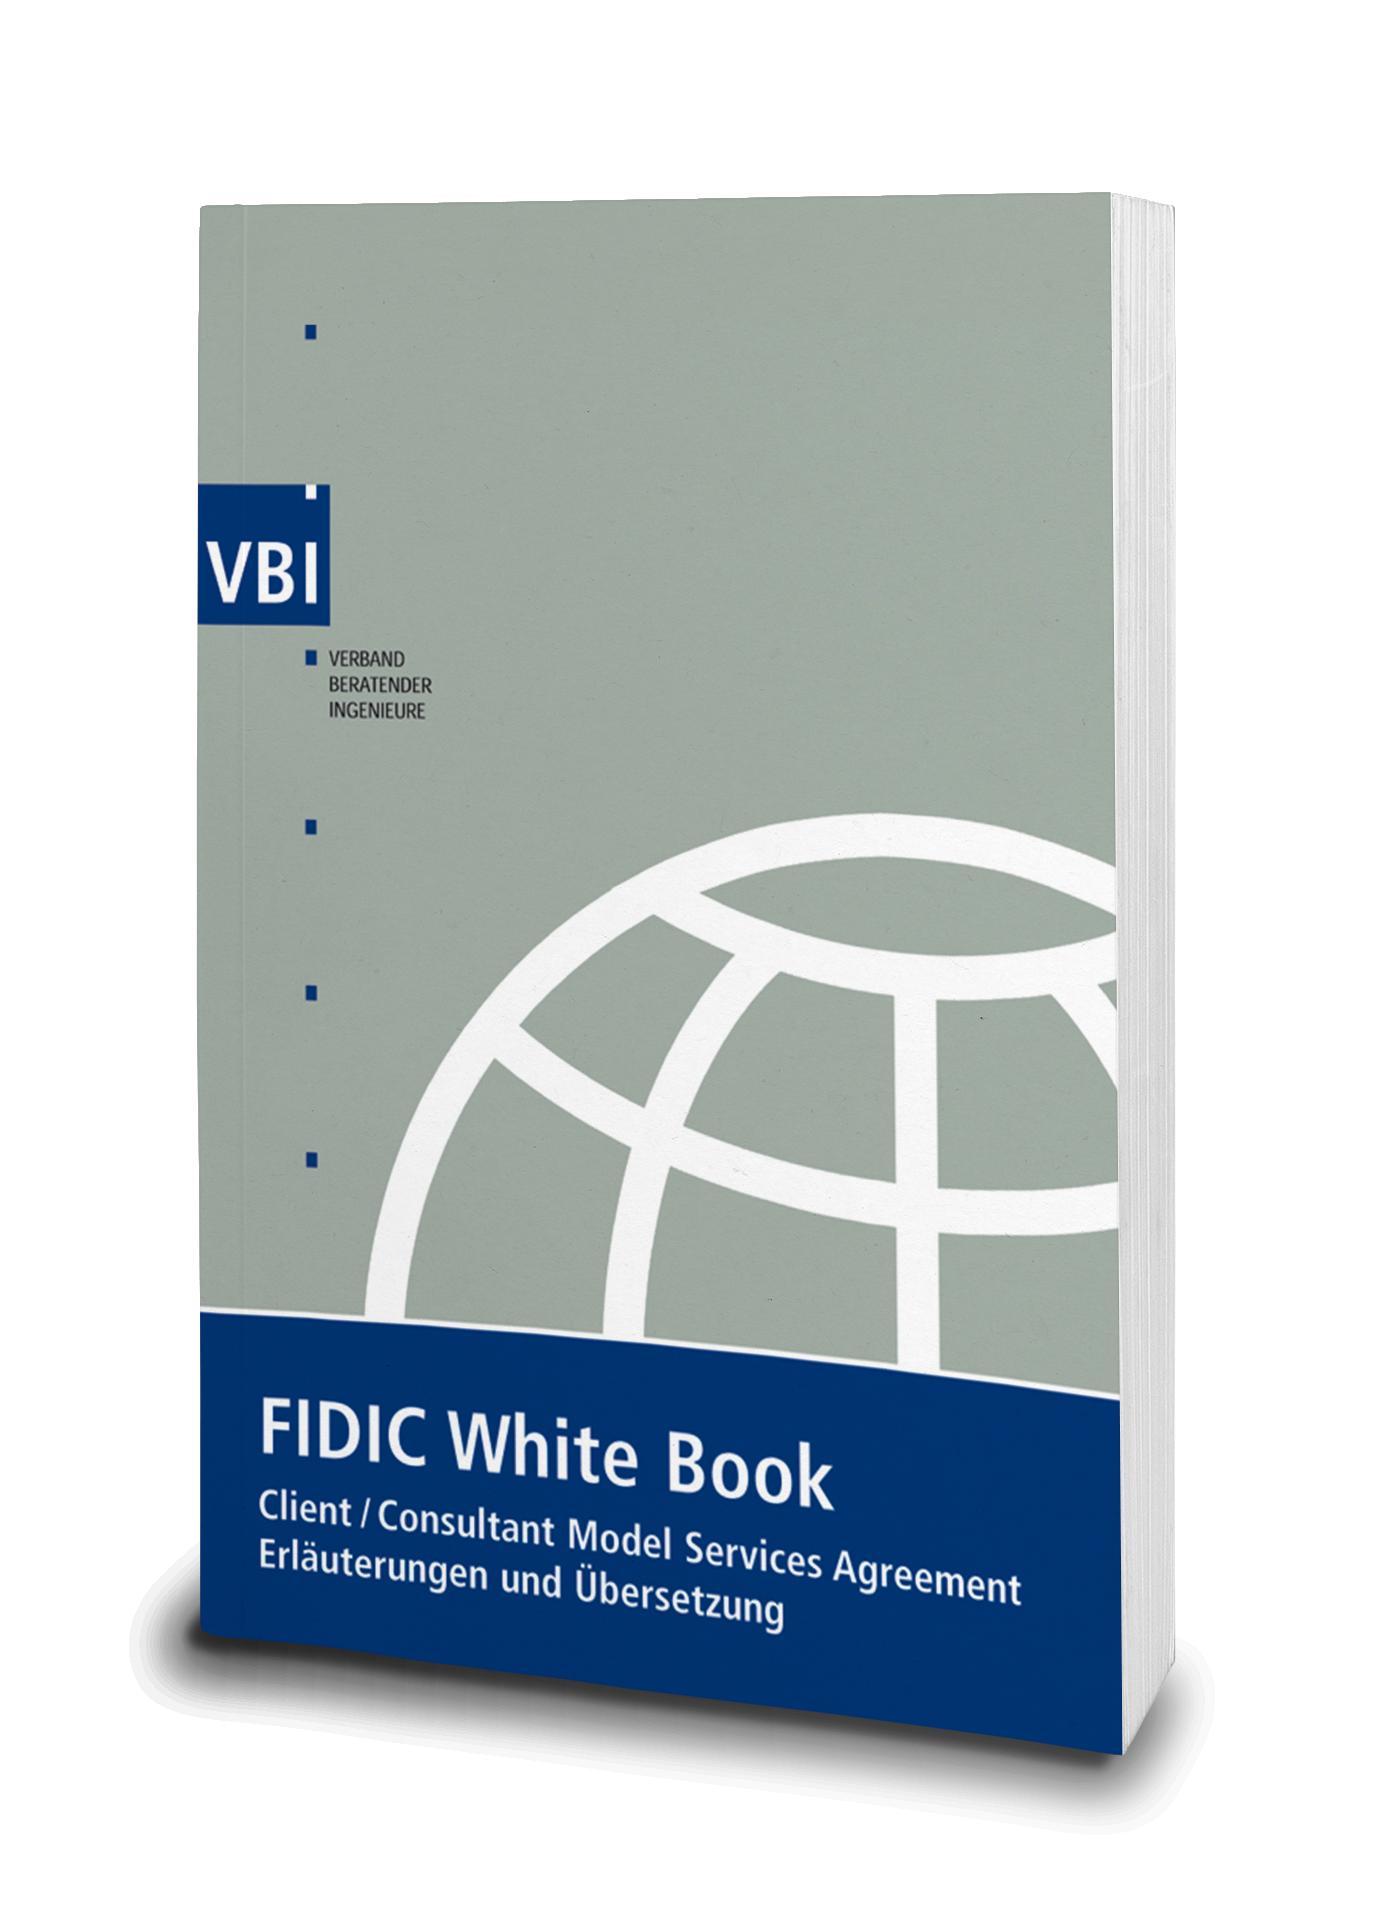 Vbi Arbeitshilfe Zum Fidic White Book 2006 Ubersetzung Und Erlauterungen Verband Beratender Ingenieure